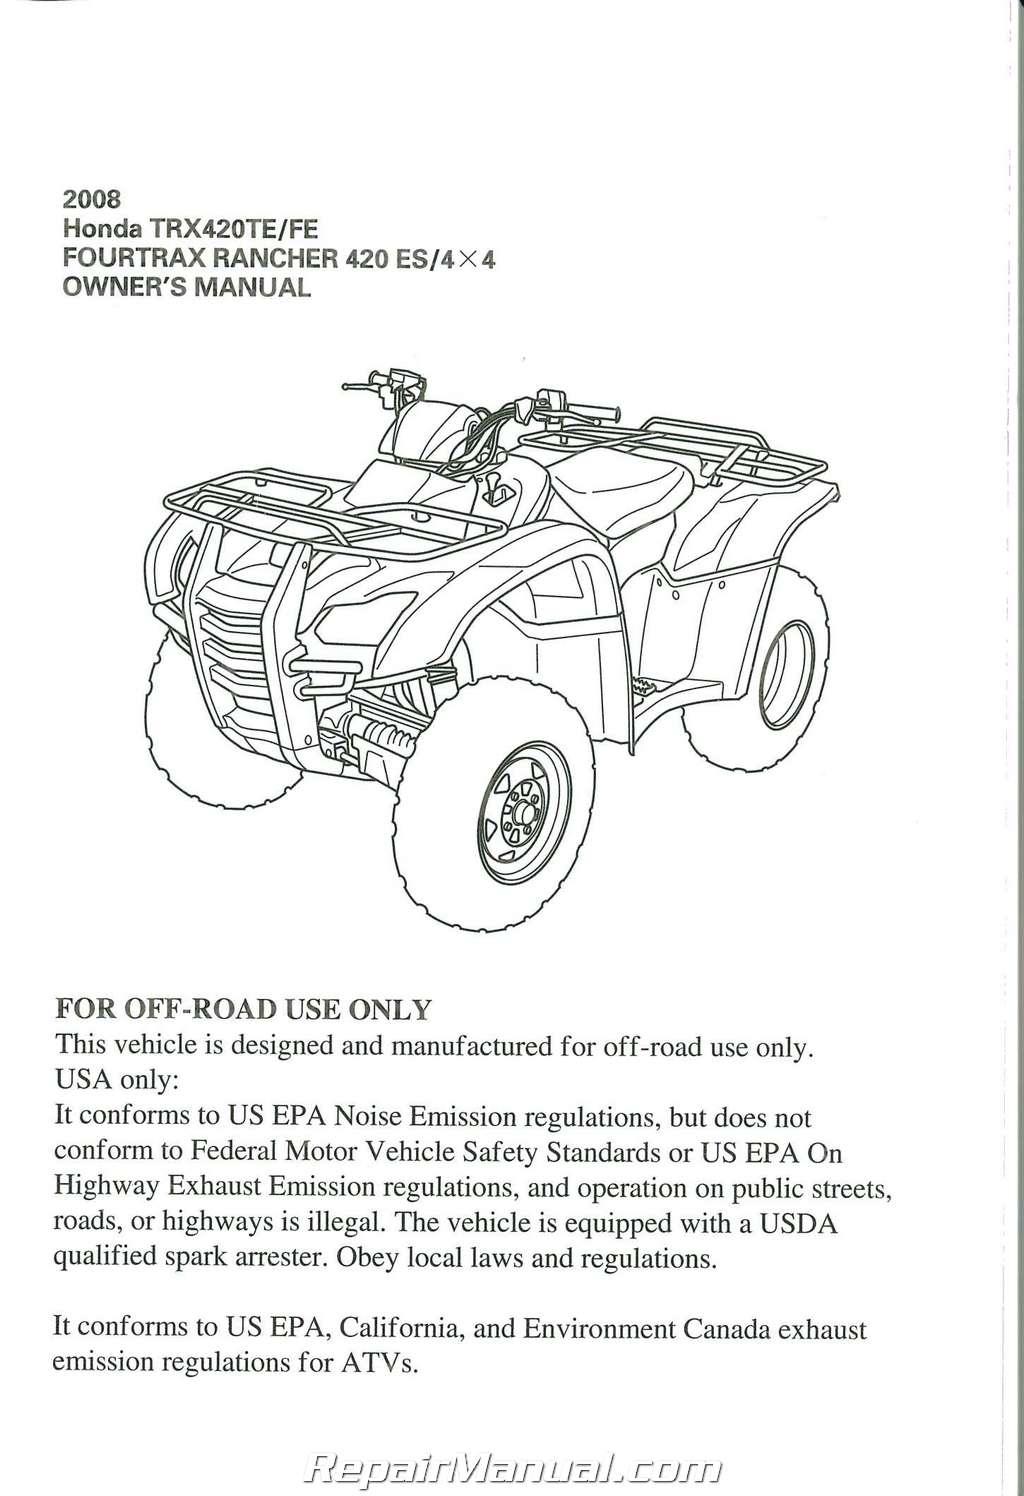 honda watercraft owners manual